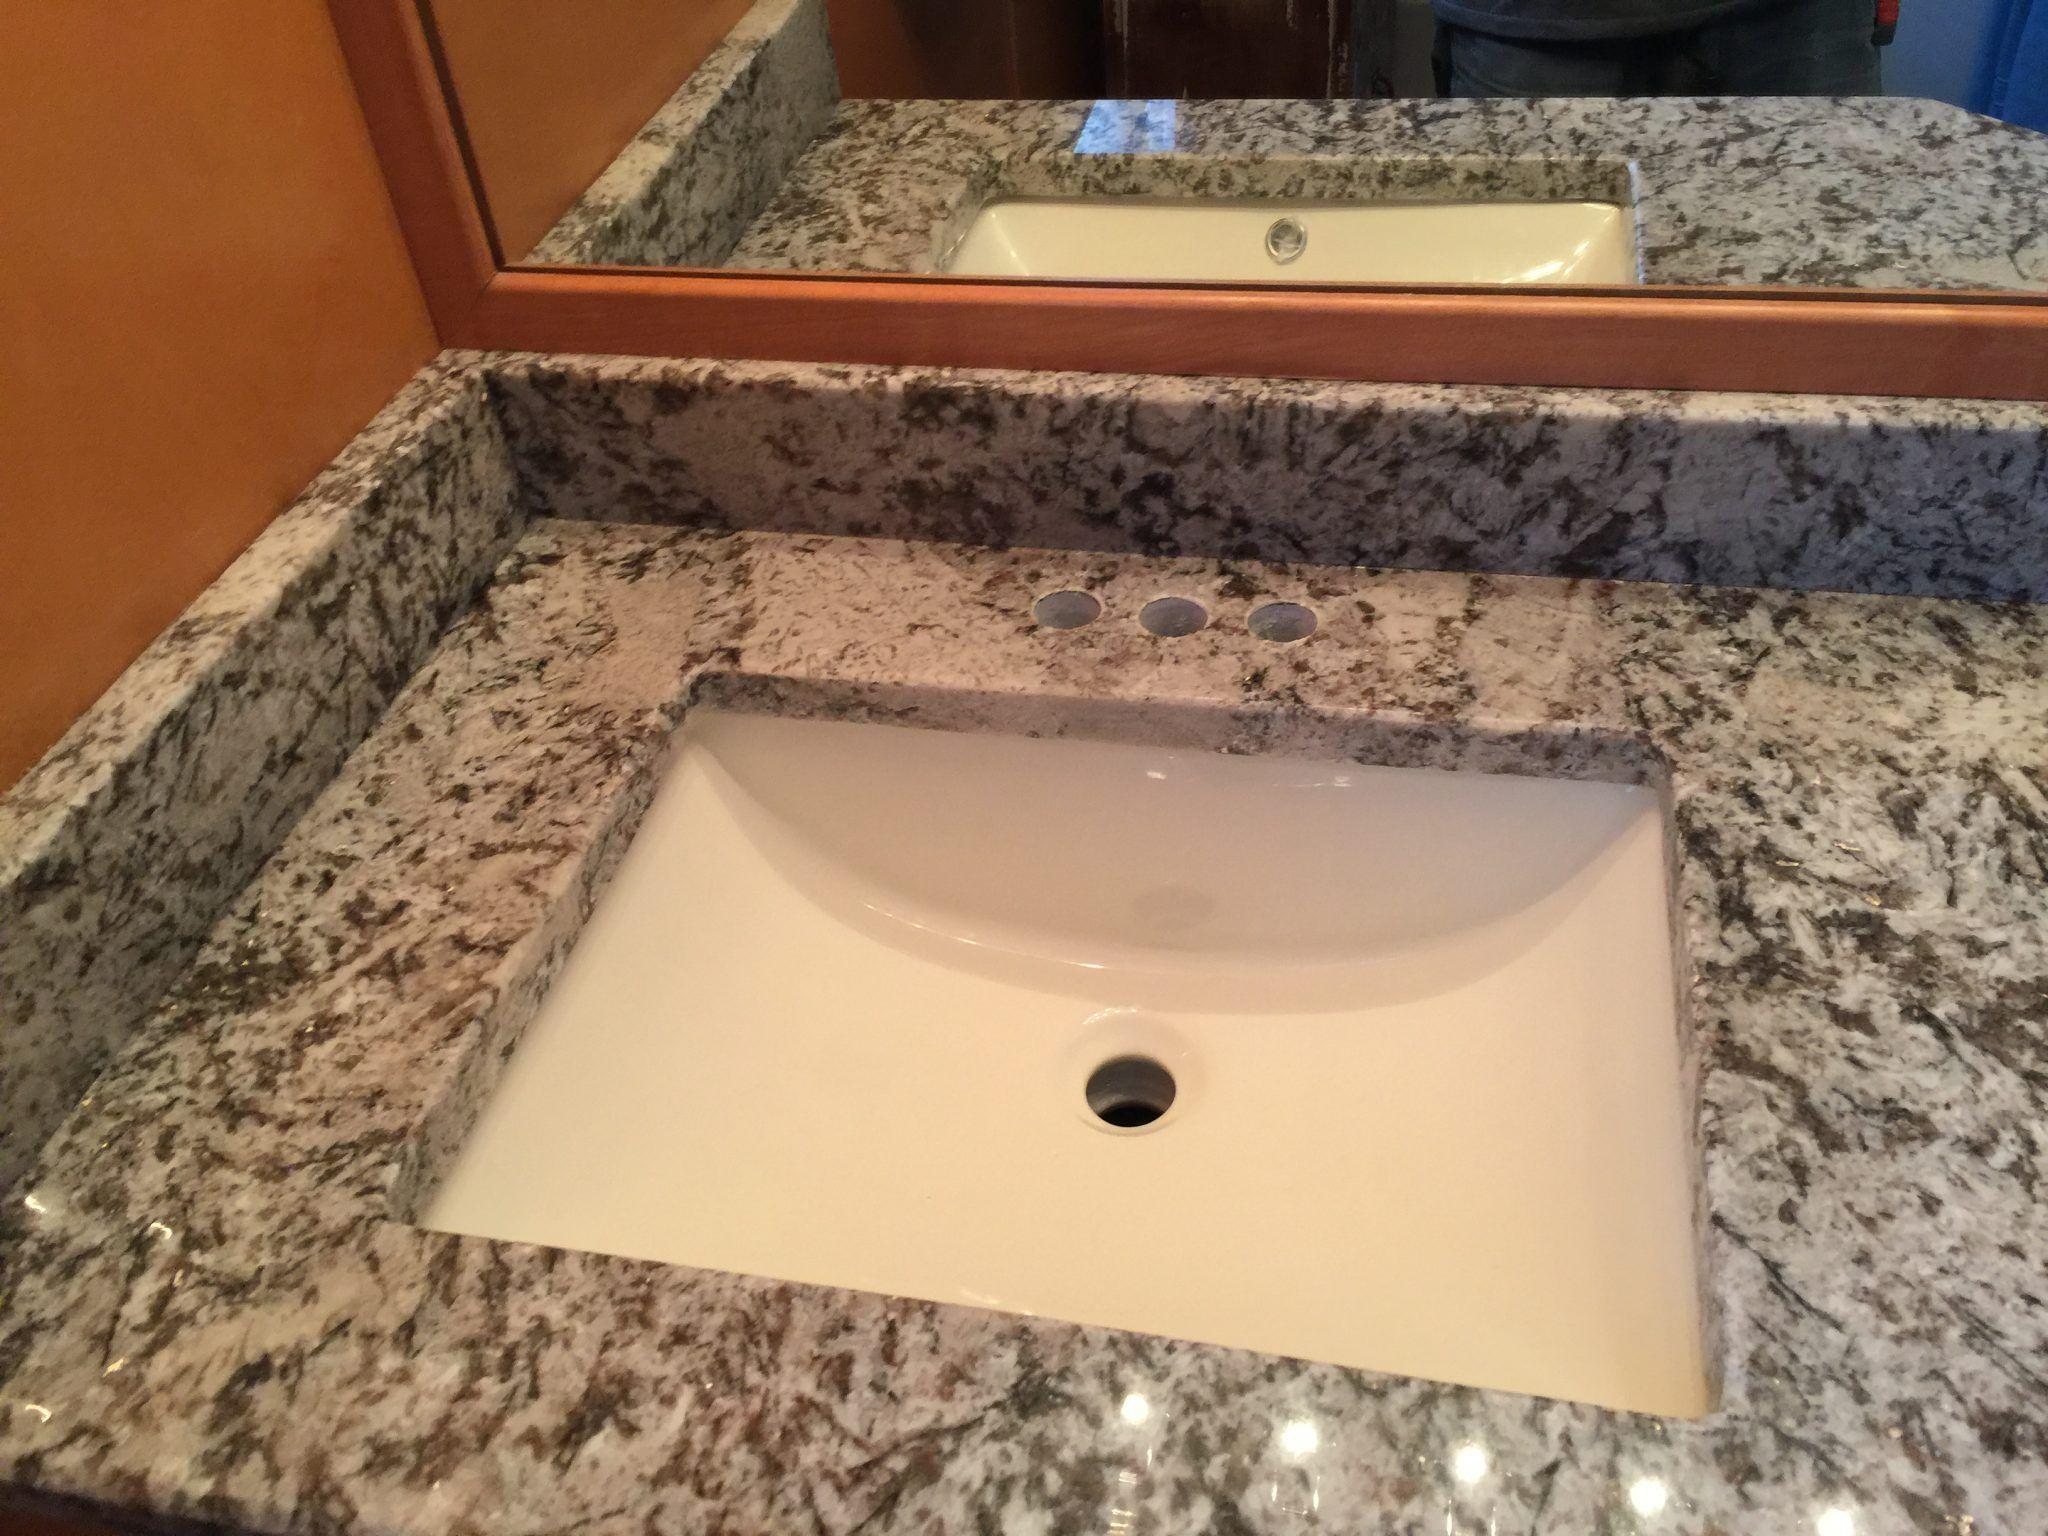 Type Of Job Vanity Top Material Granite Color Bianco Antico